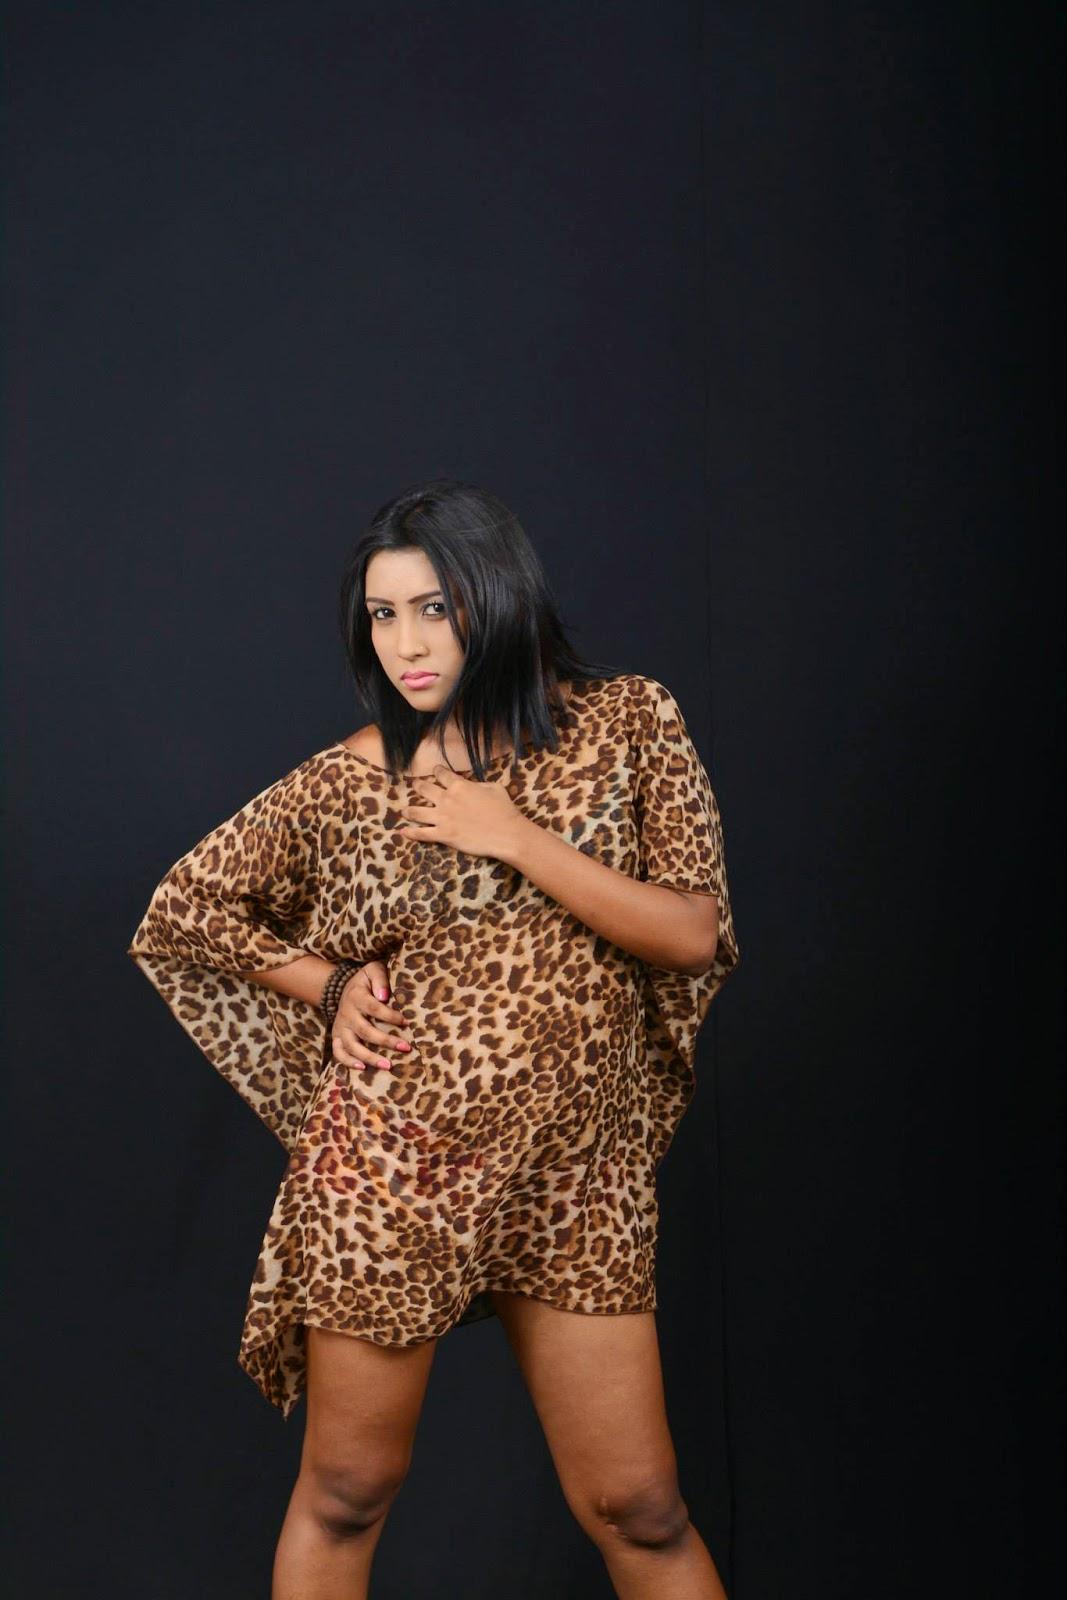 Sri Lankan popular model Sachi Wickramasinghe